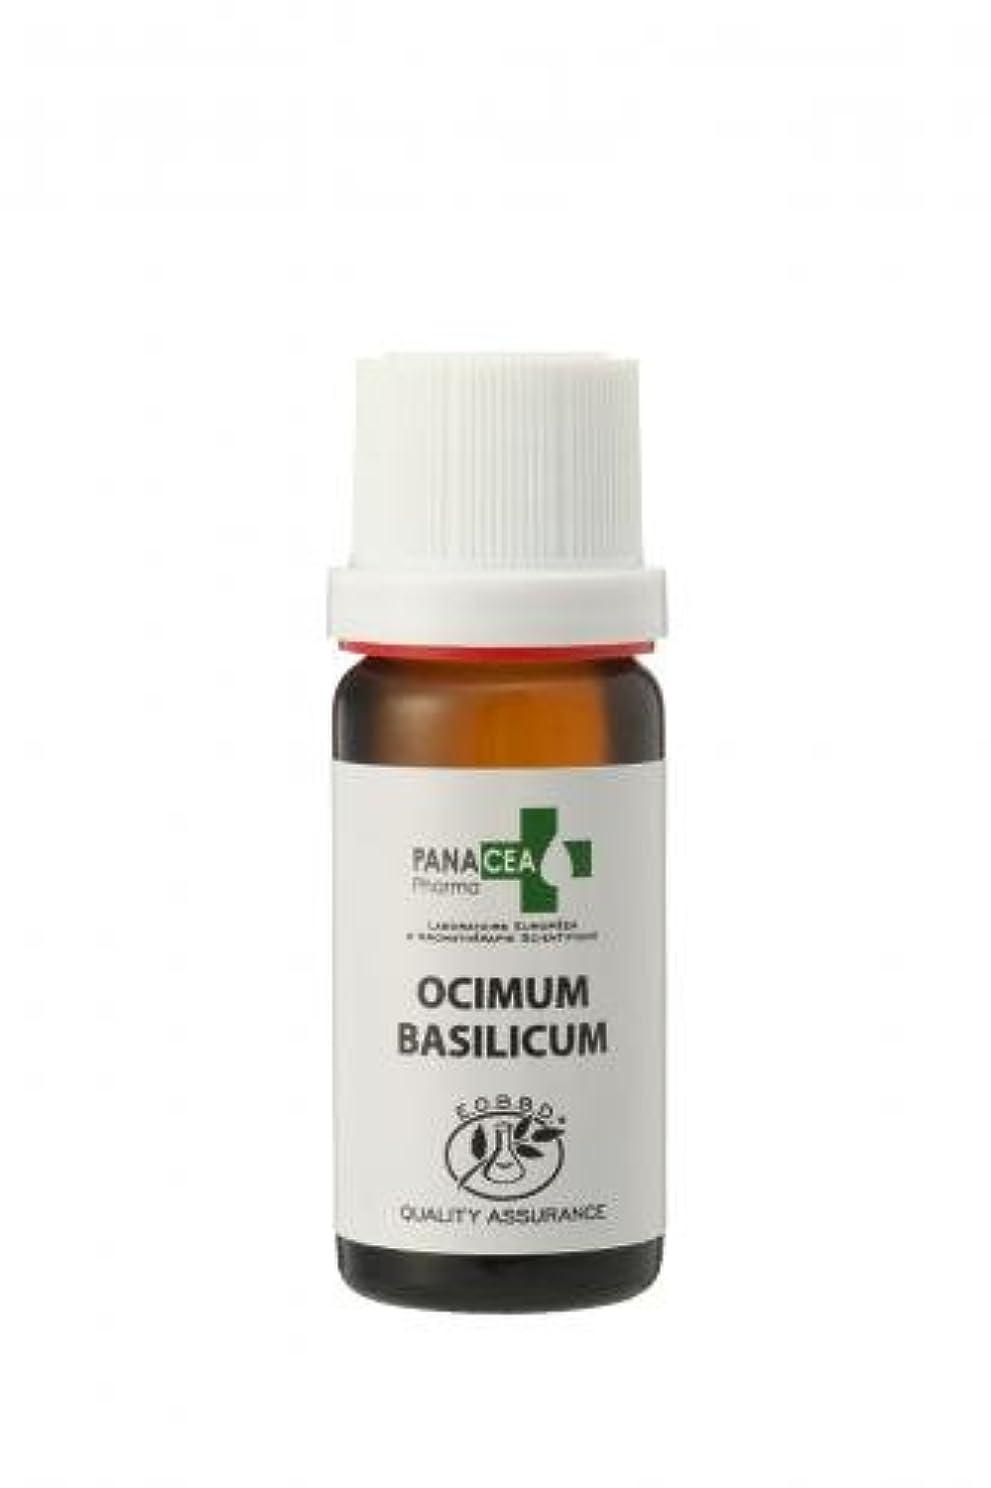 現金メイエラパイプラインバジル メチルカビコール (Ocimum basilicum) 10ml エッセンシャルオイル PANACEA PHARMA パナセア ファルマ